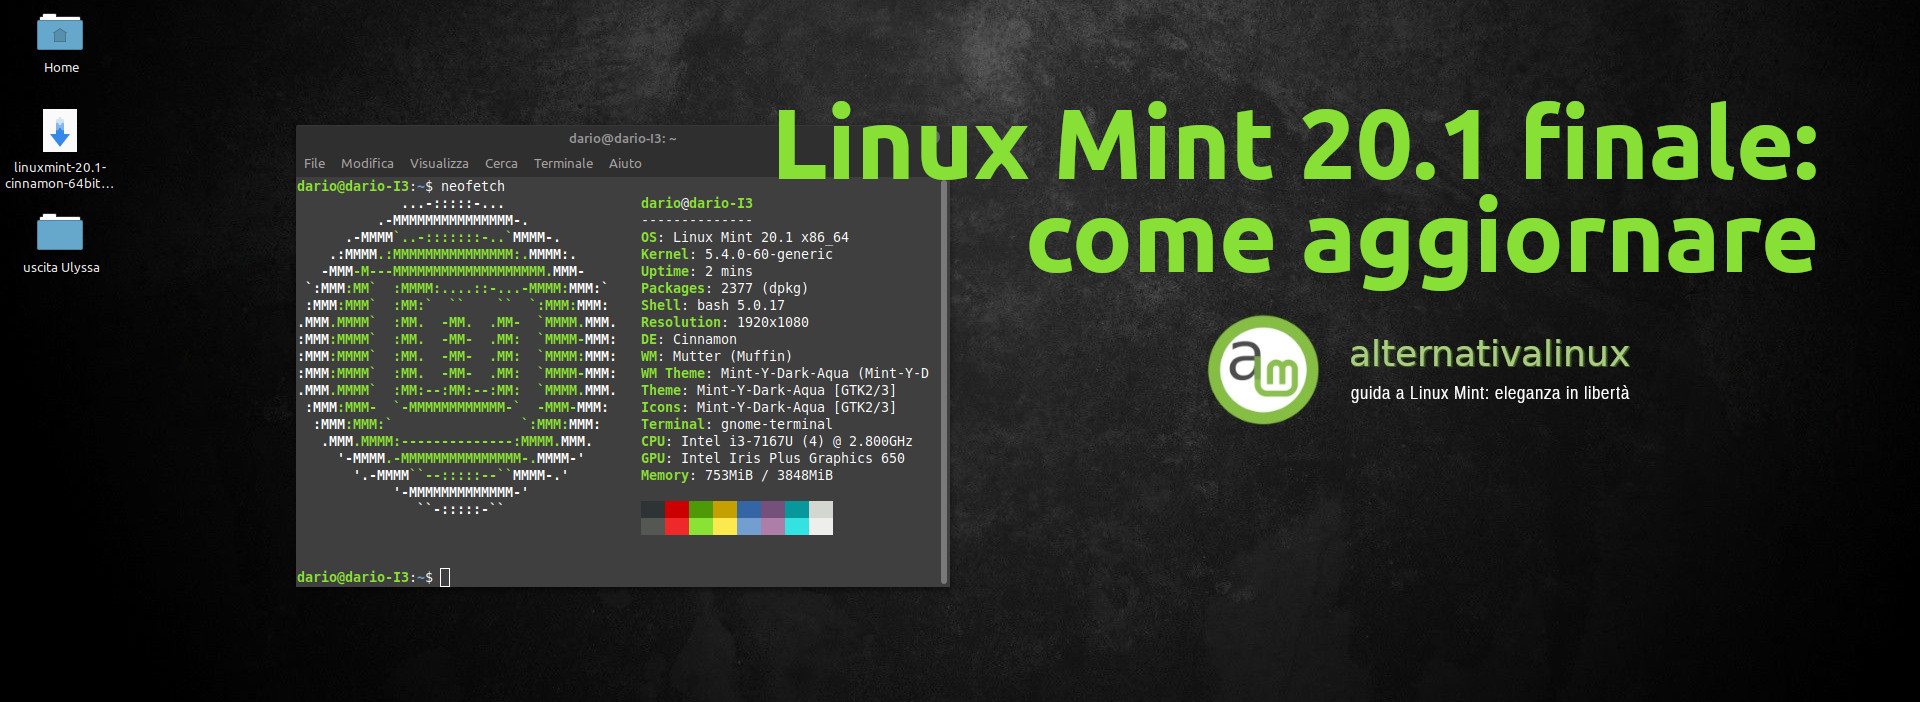 uscita linux mint 20.1 come aggiornare